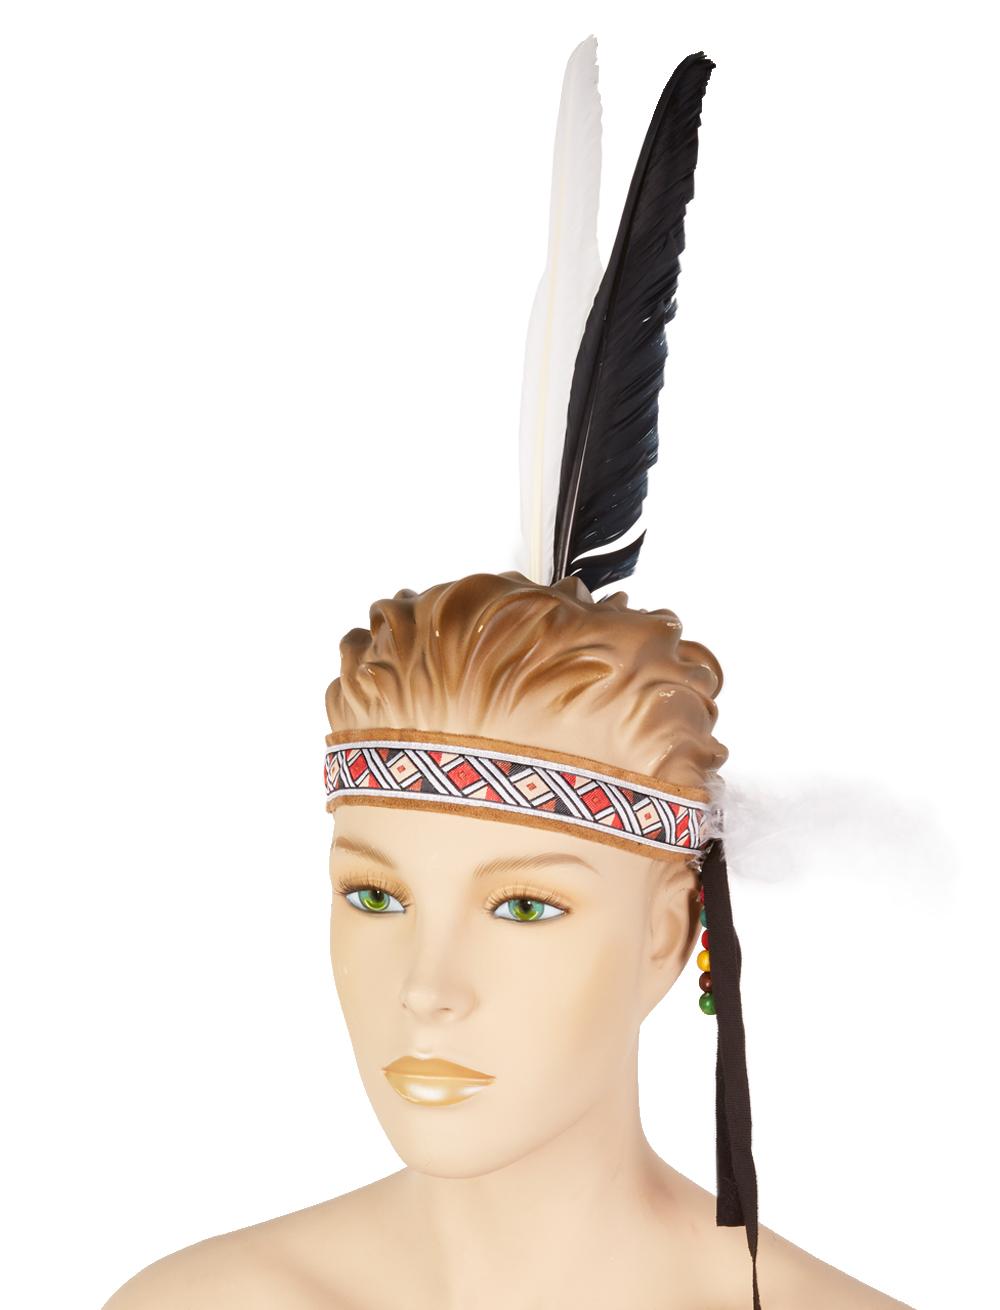 Kostuemzubehor Stirnband Indianer beige